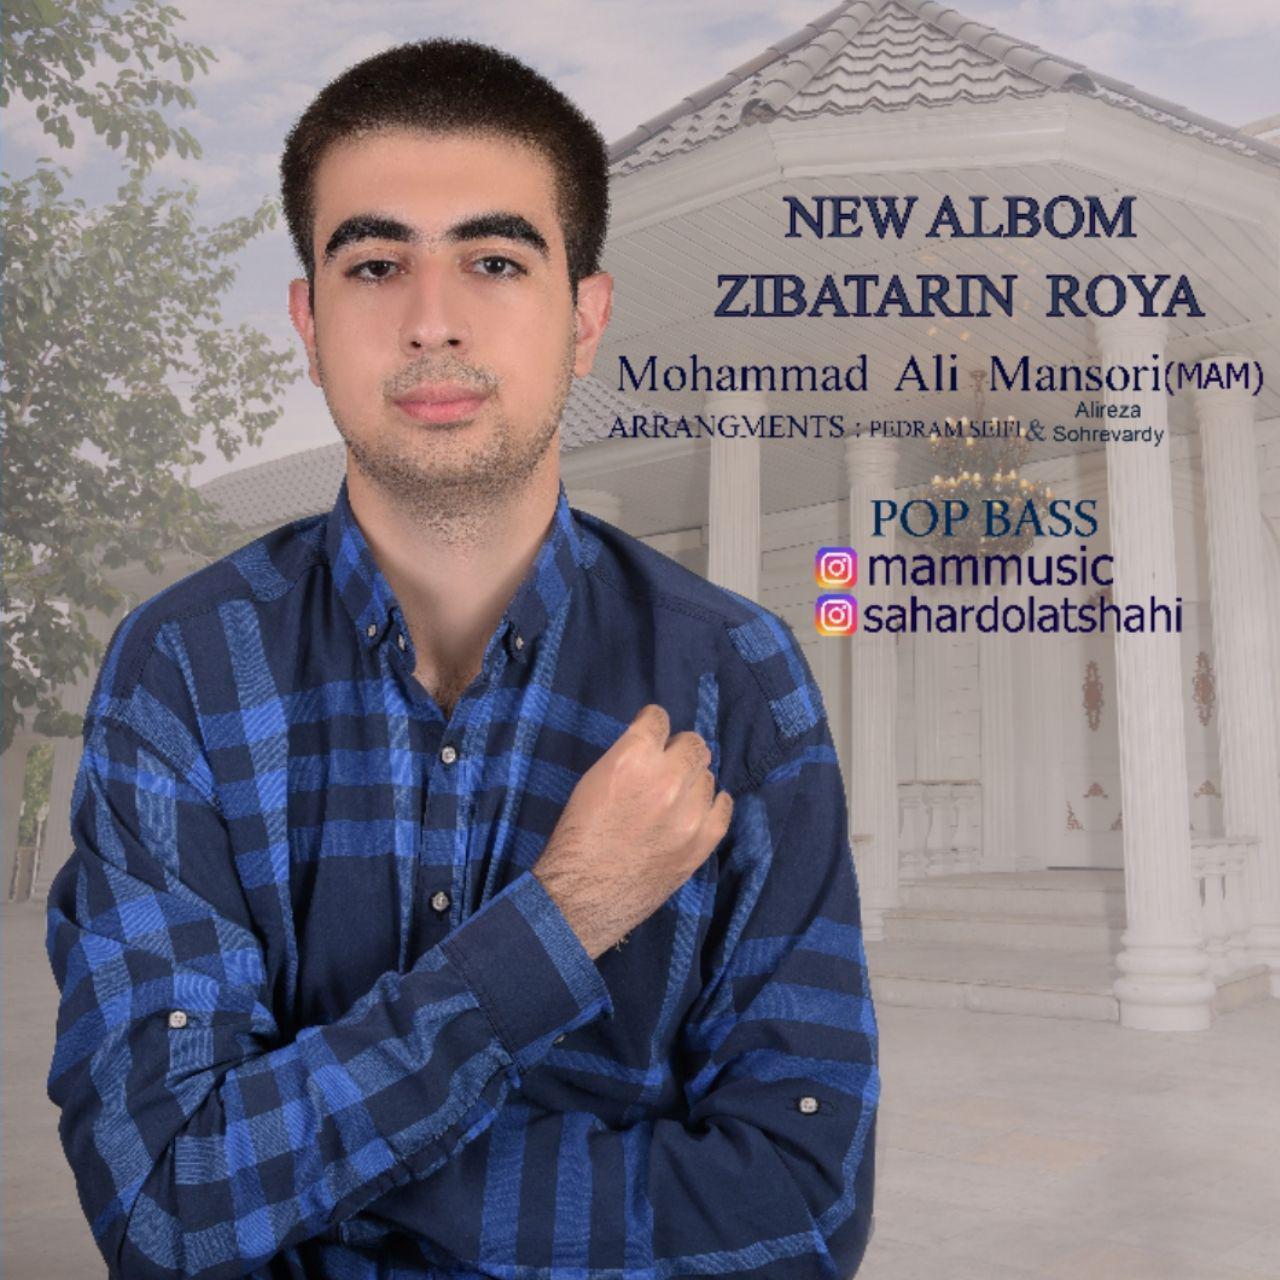 دانلود آلبوم جديد محمدعلی منصوری به نام زیباترین رویا